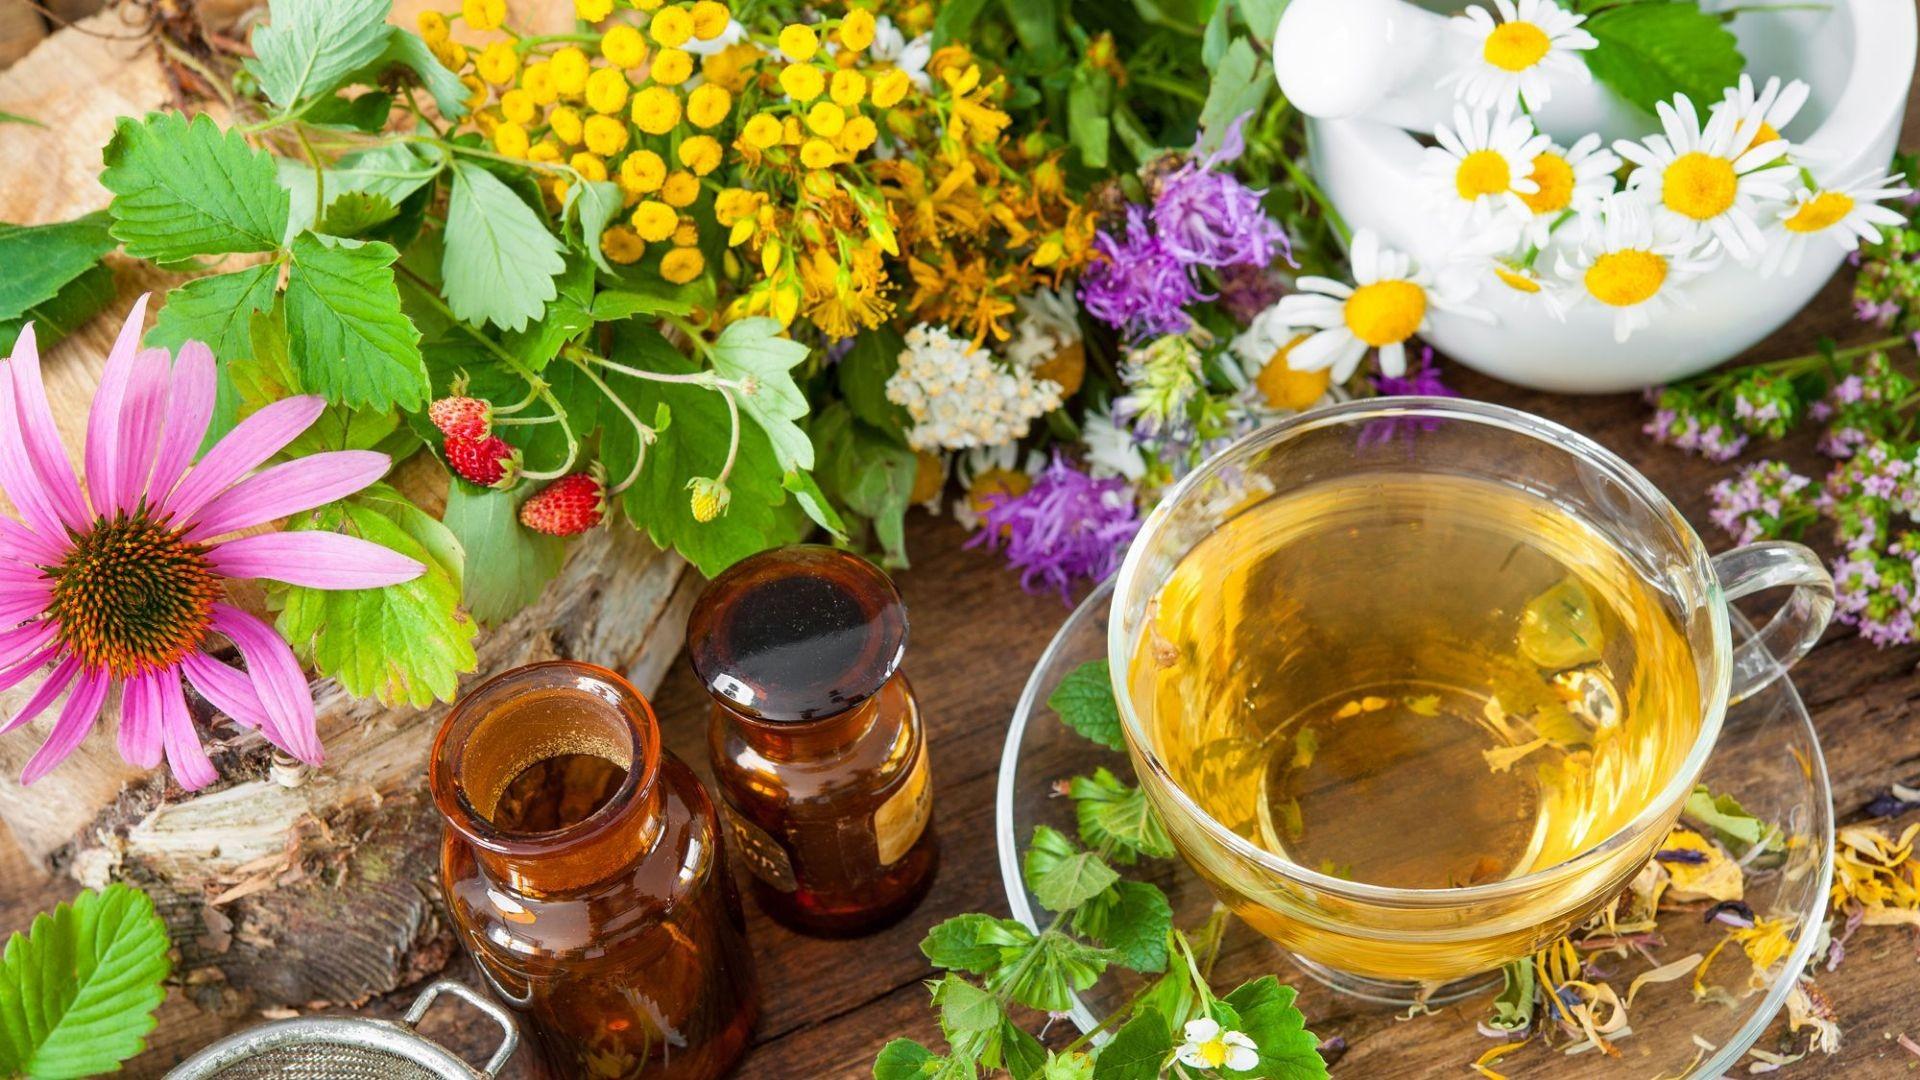 000 herbolario medicina natural plantas medicinales  (3)